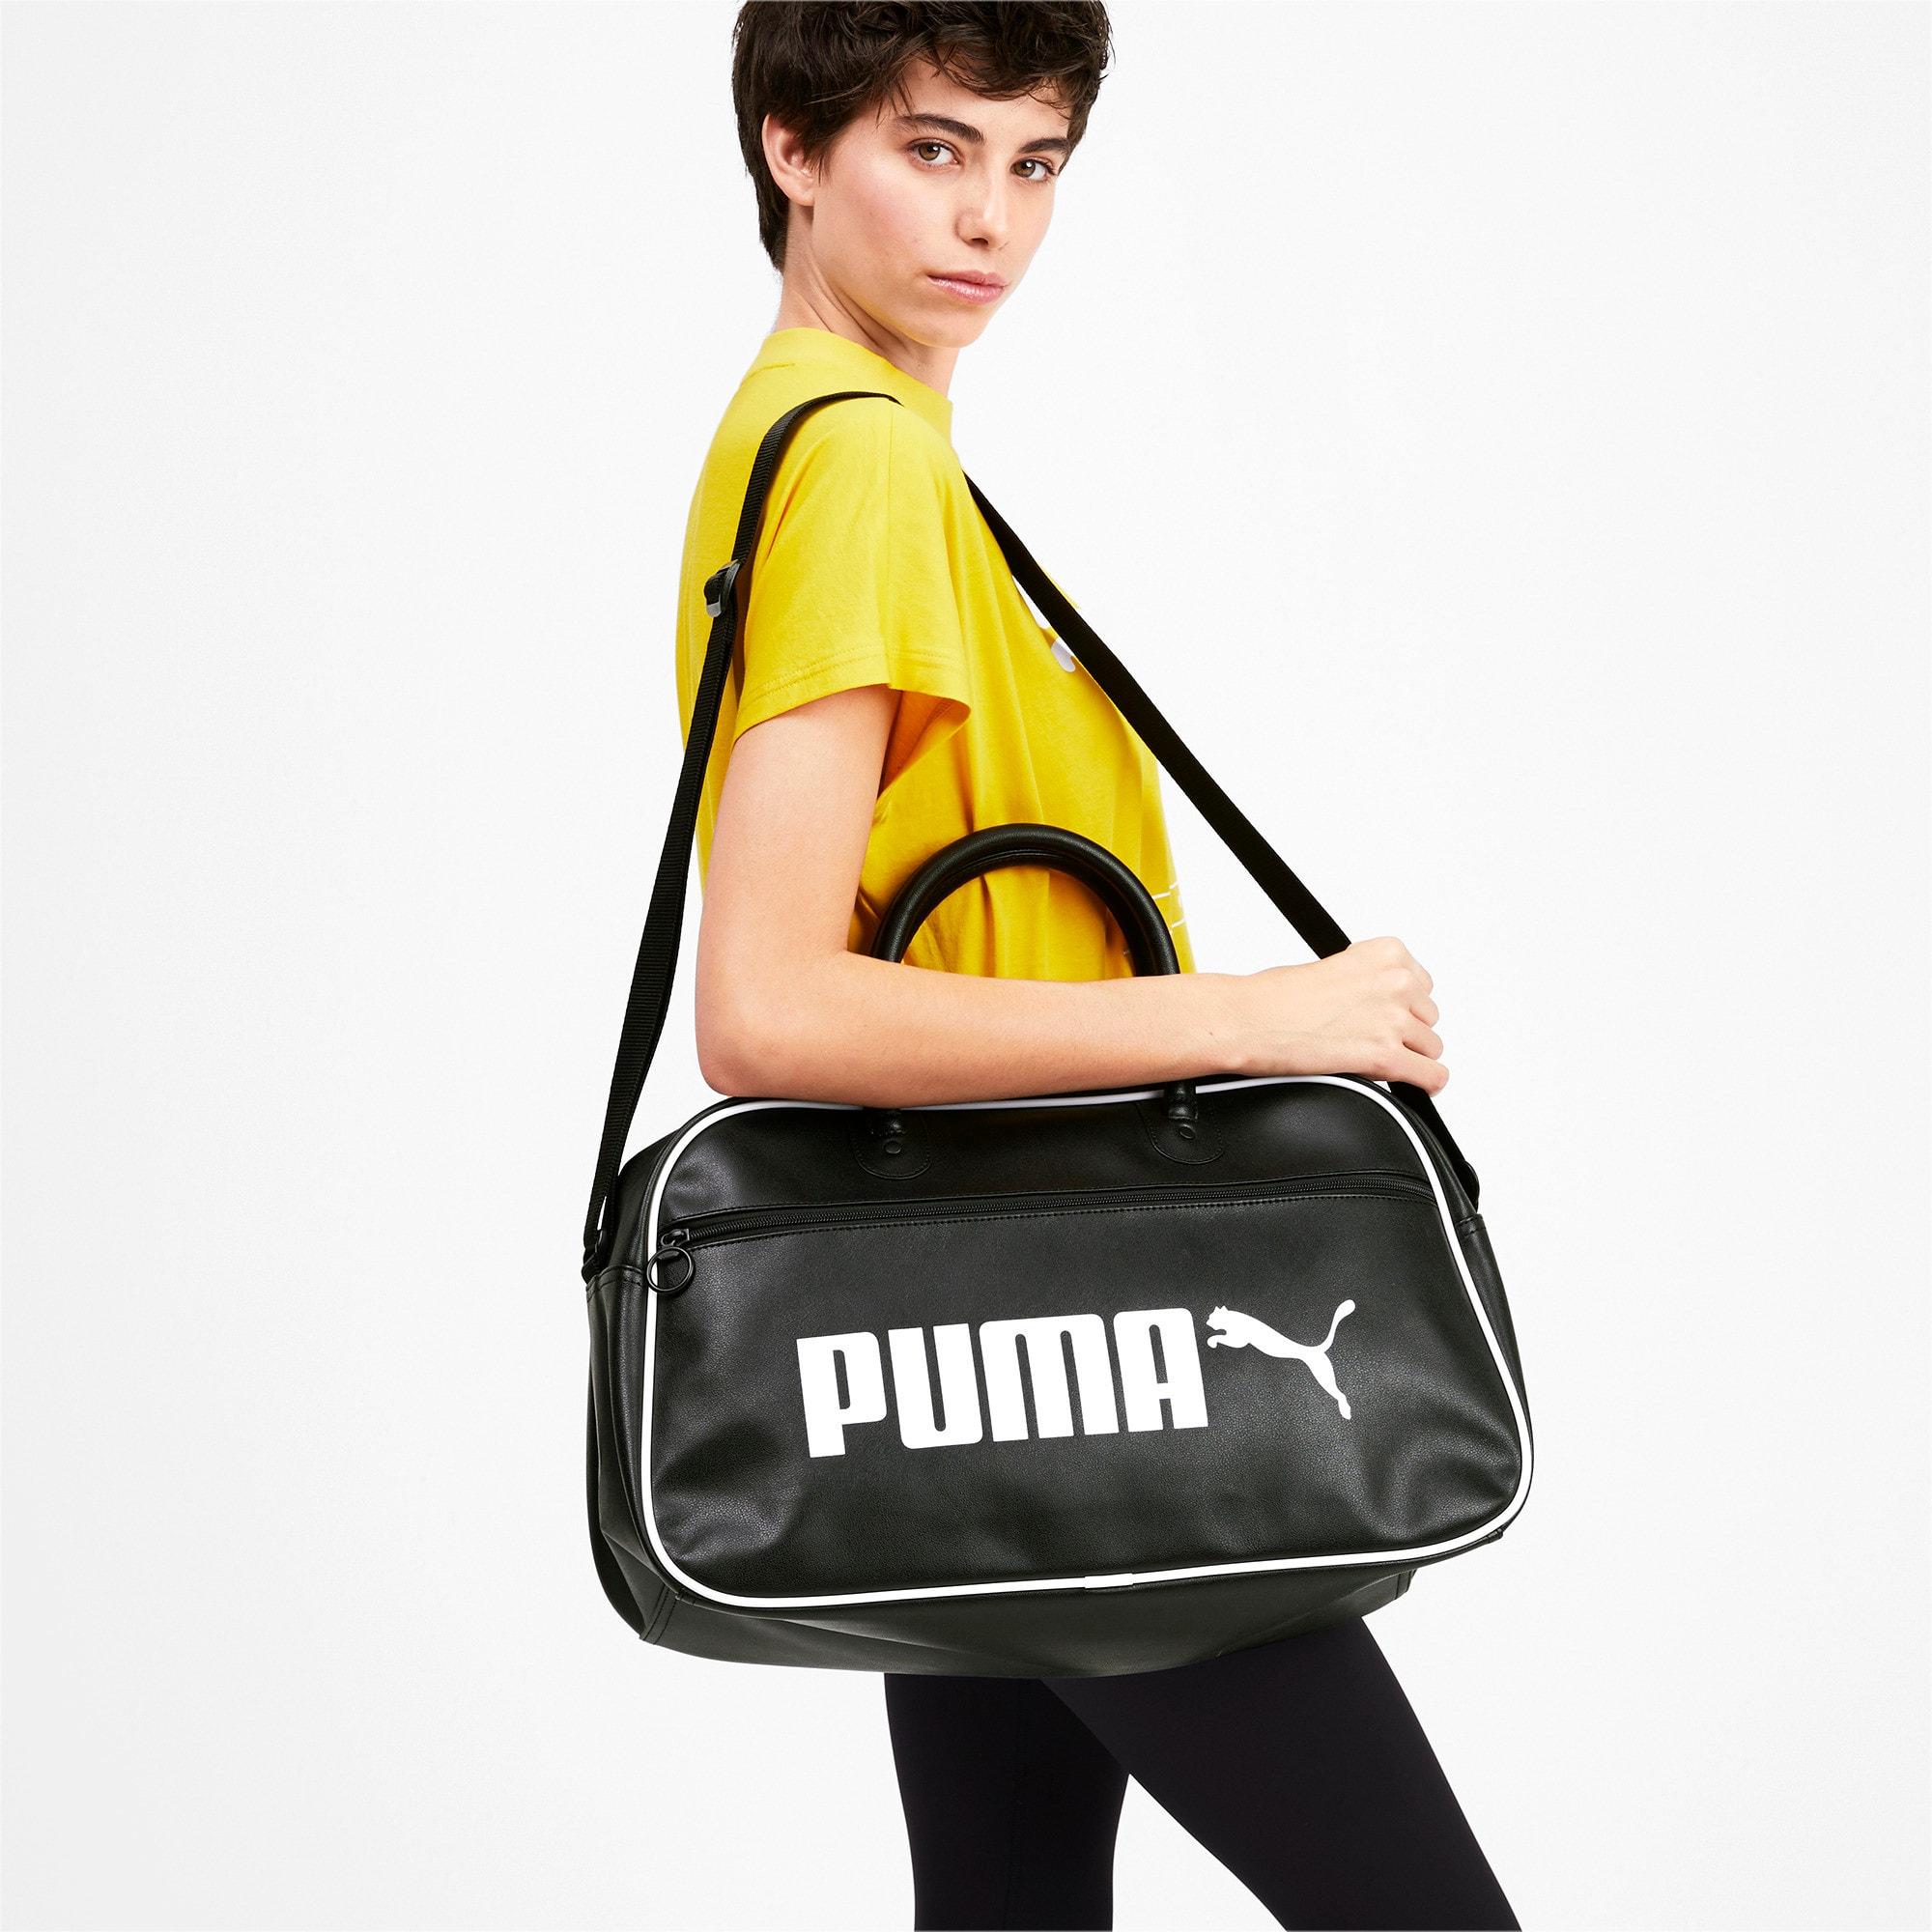 Thumbnail 2 of Campus Retro Grip Bag, Puma Black, medium